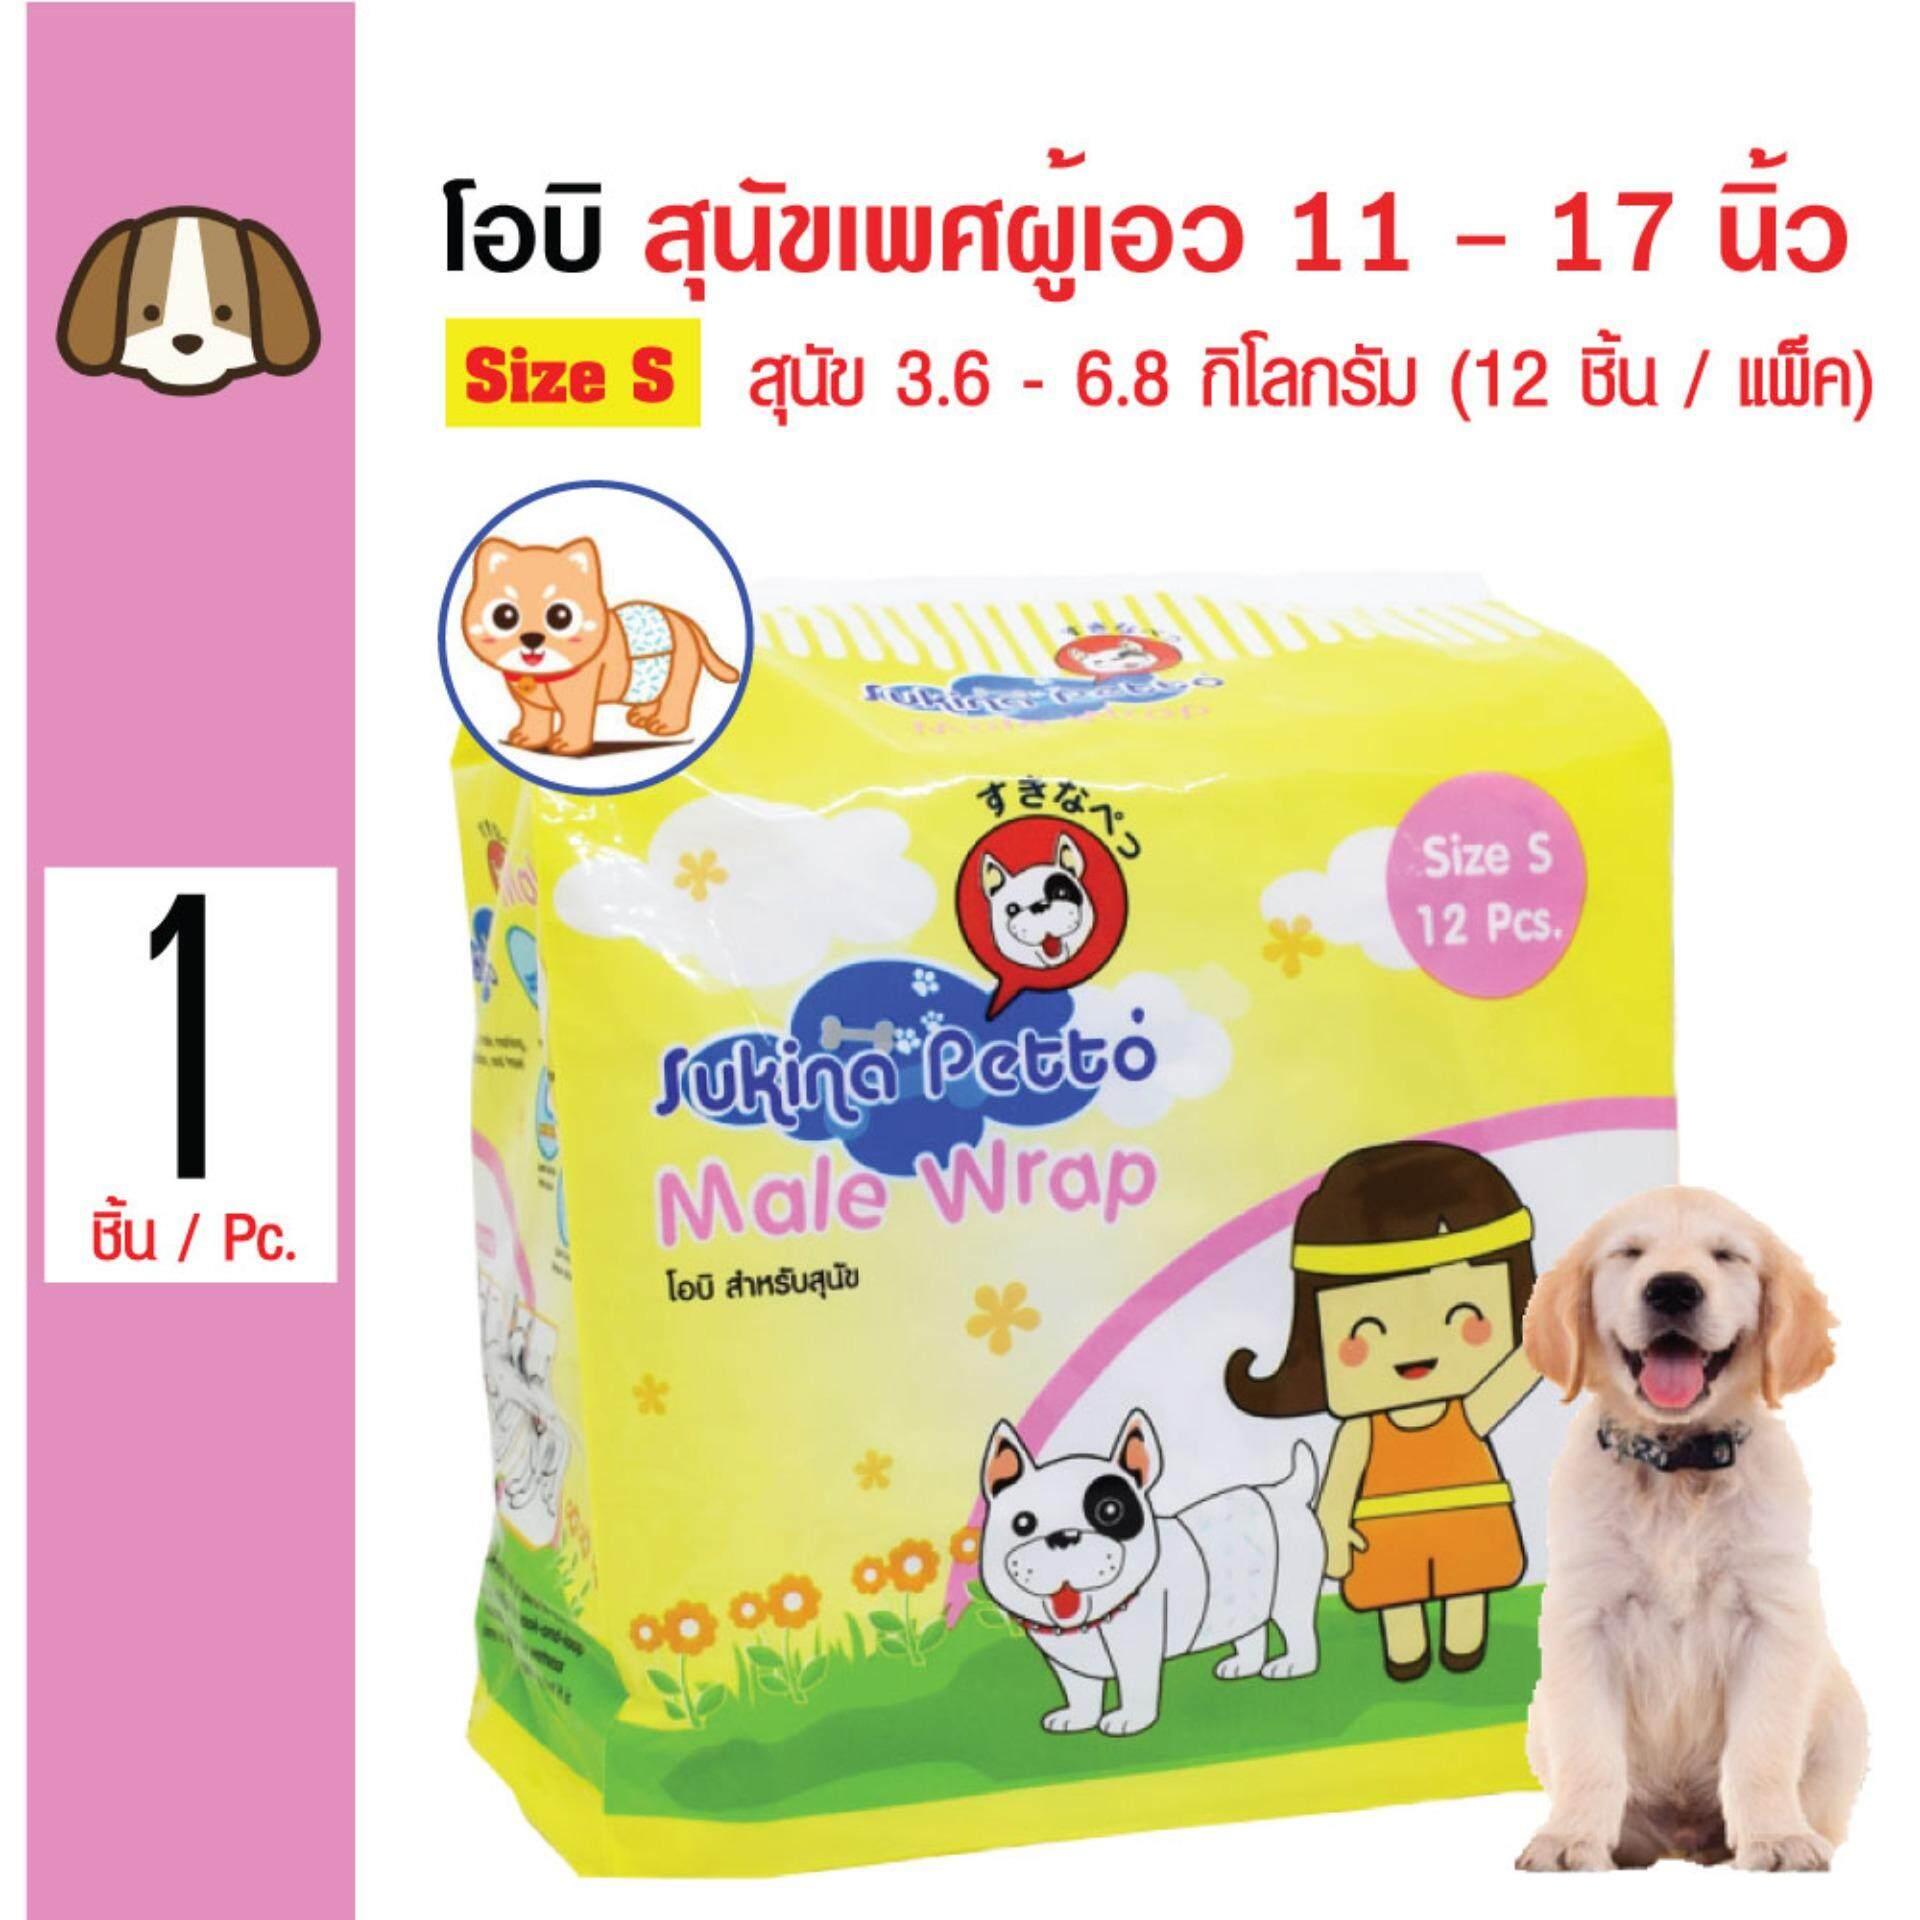 Sukina Petto โอบิผ้าอ้อม โอบิรัดเอว สวมใส่ง่าย เก็บน้ำได้ดี Size S สุนัขเอว 11-17 นิ้ว สำหรับสุนัขเพศผู้น้ำหนัก 3.6-6.8 กิโลกรัม (12 ชิ้น/ แพ็ค)